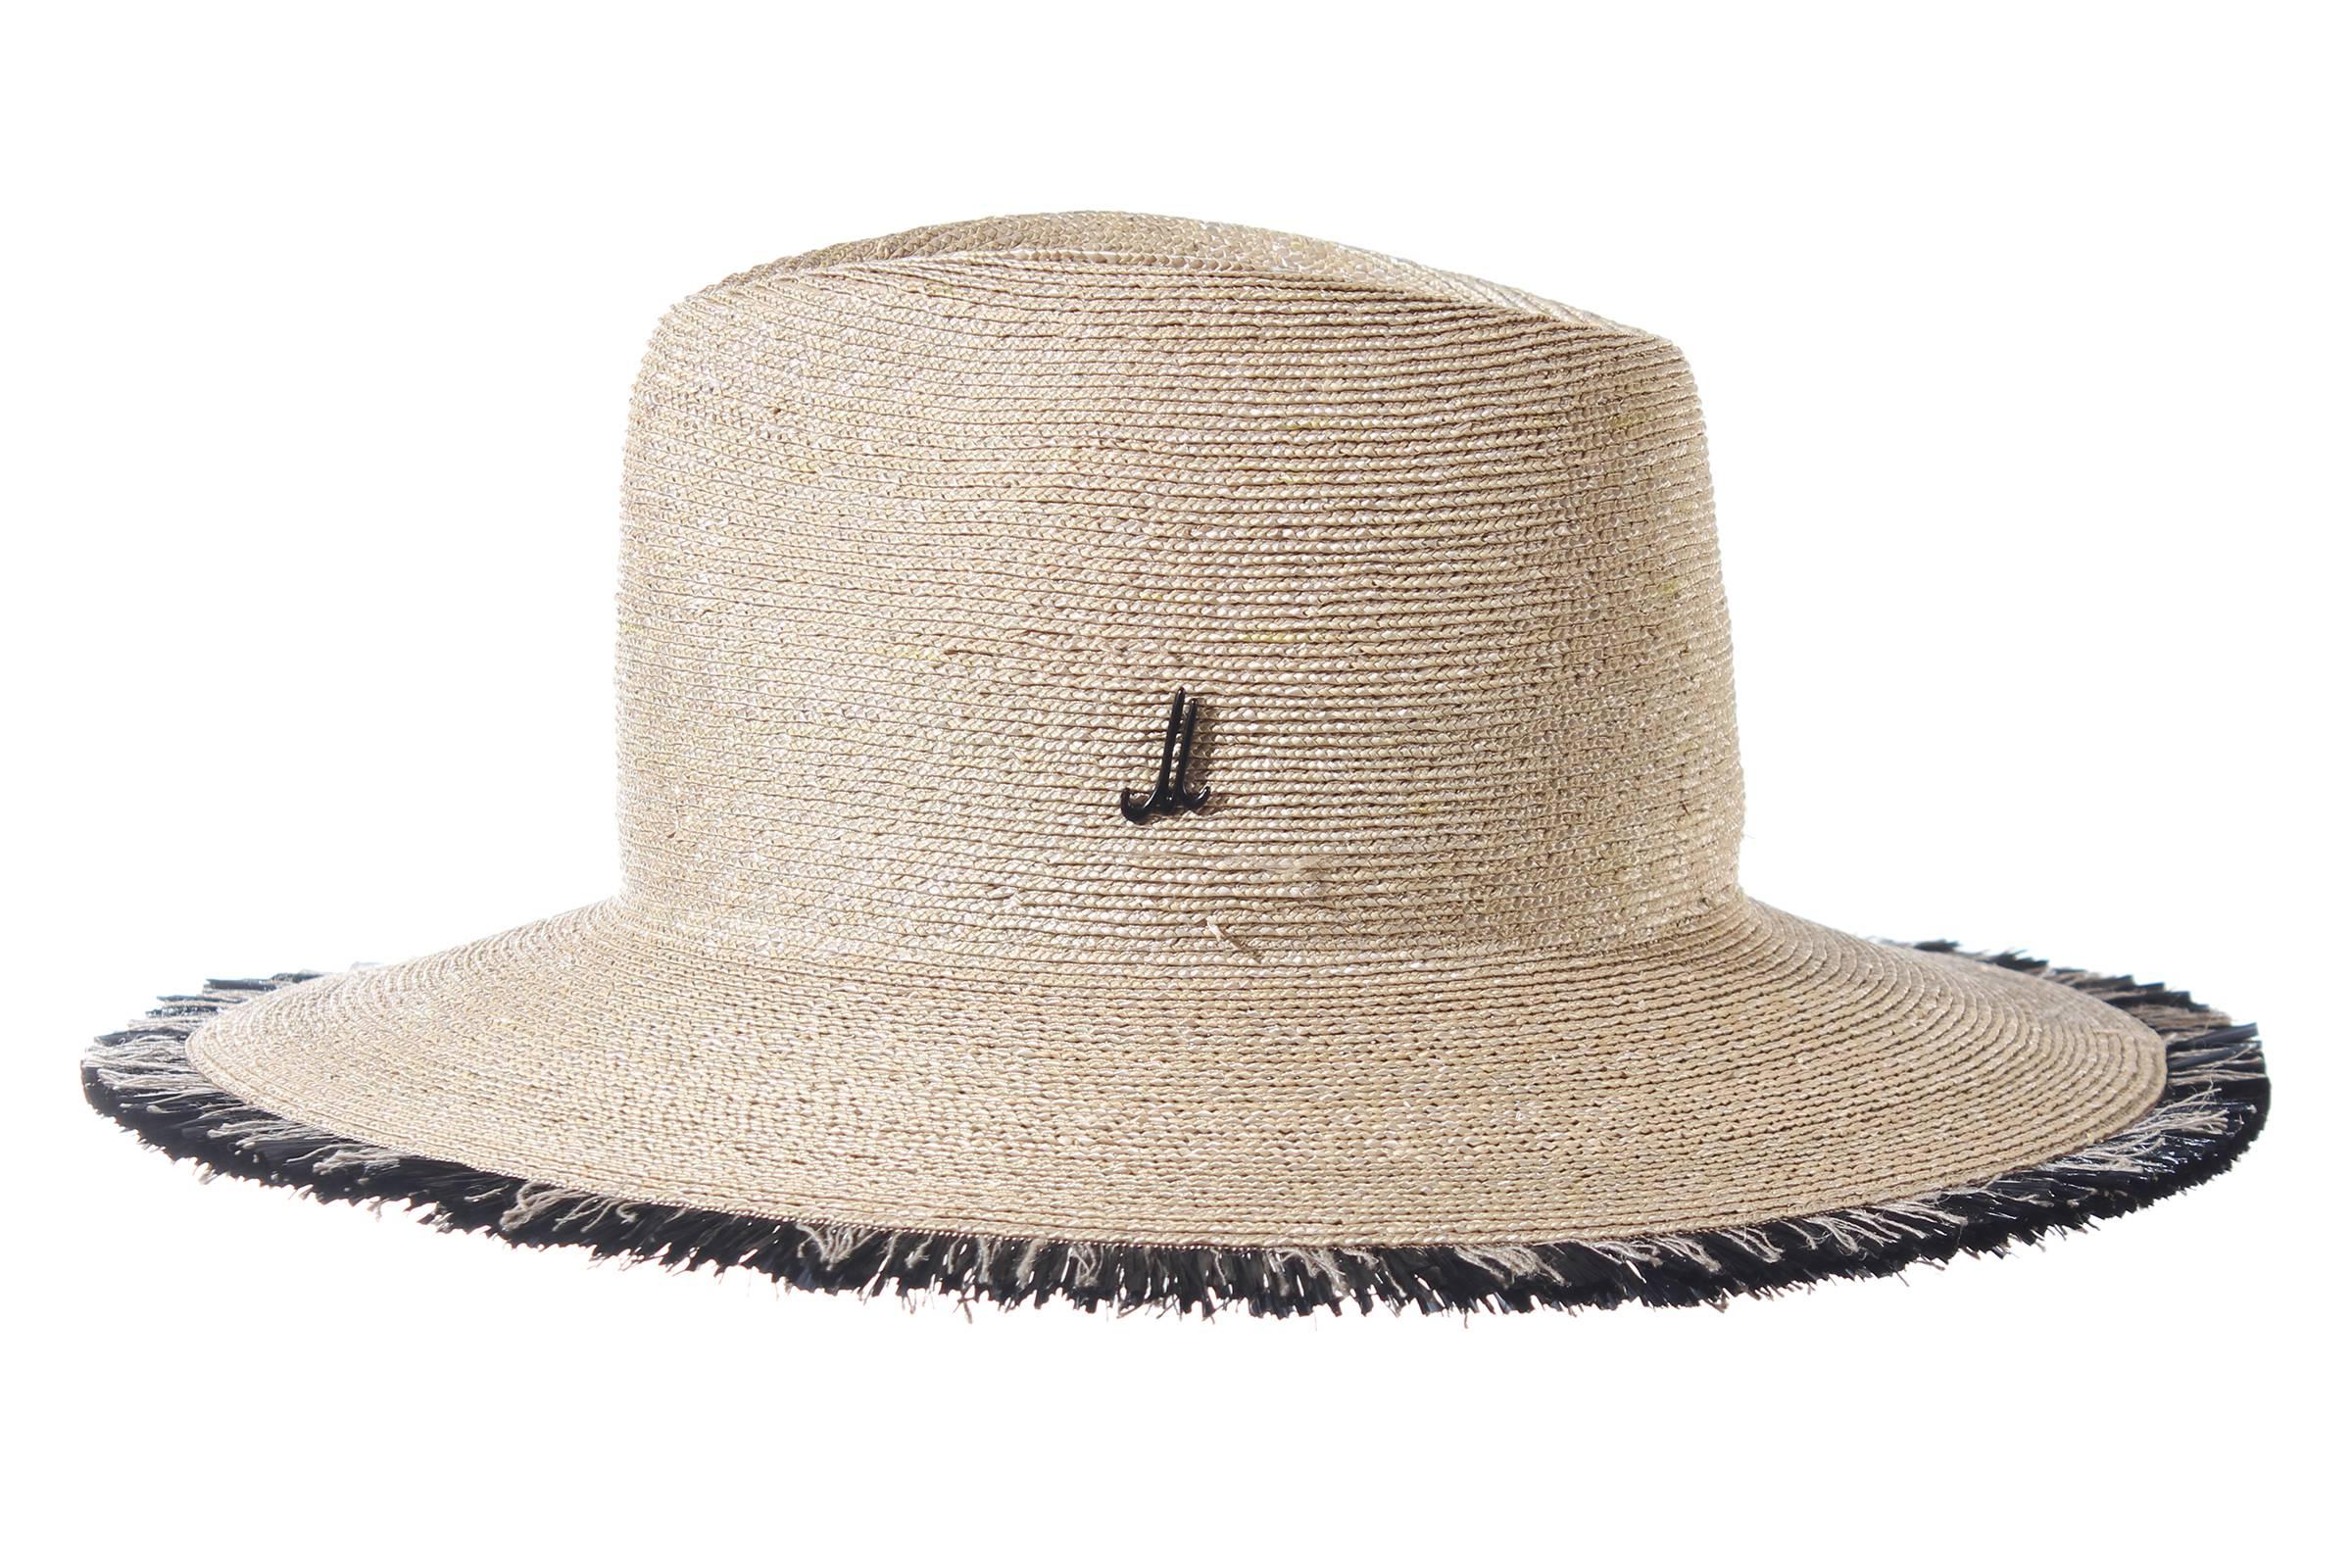 traveller GIL ALESSIO strawbraid extra fine / fringes